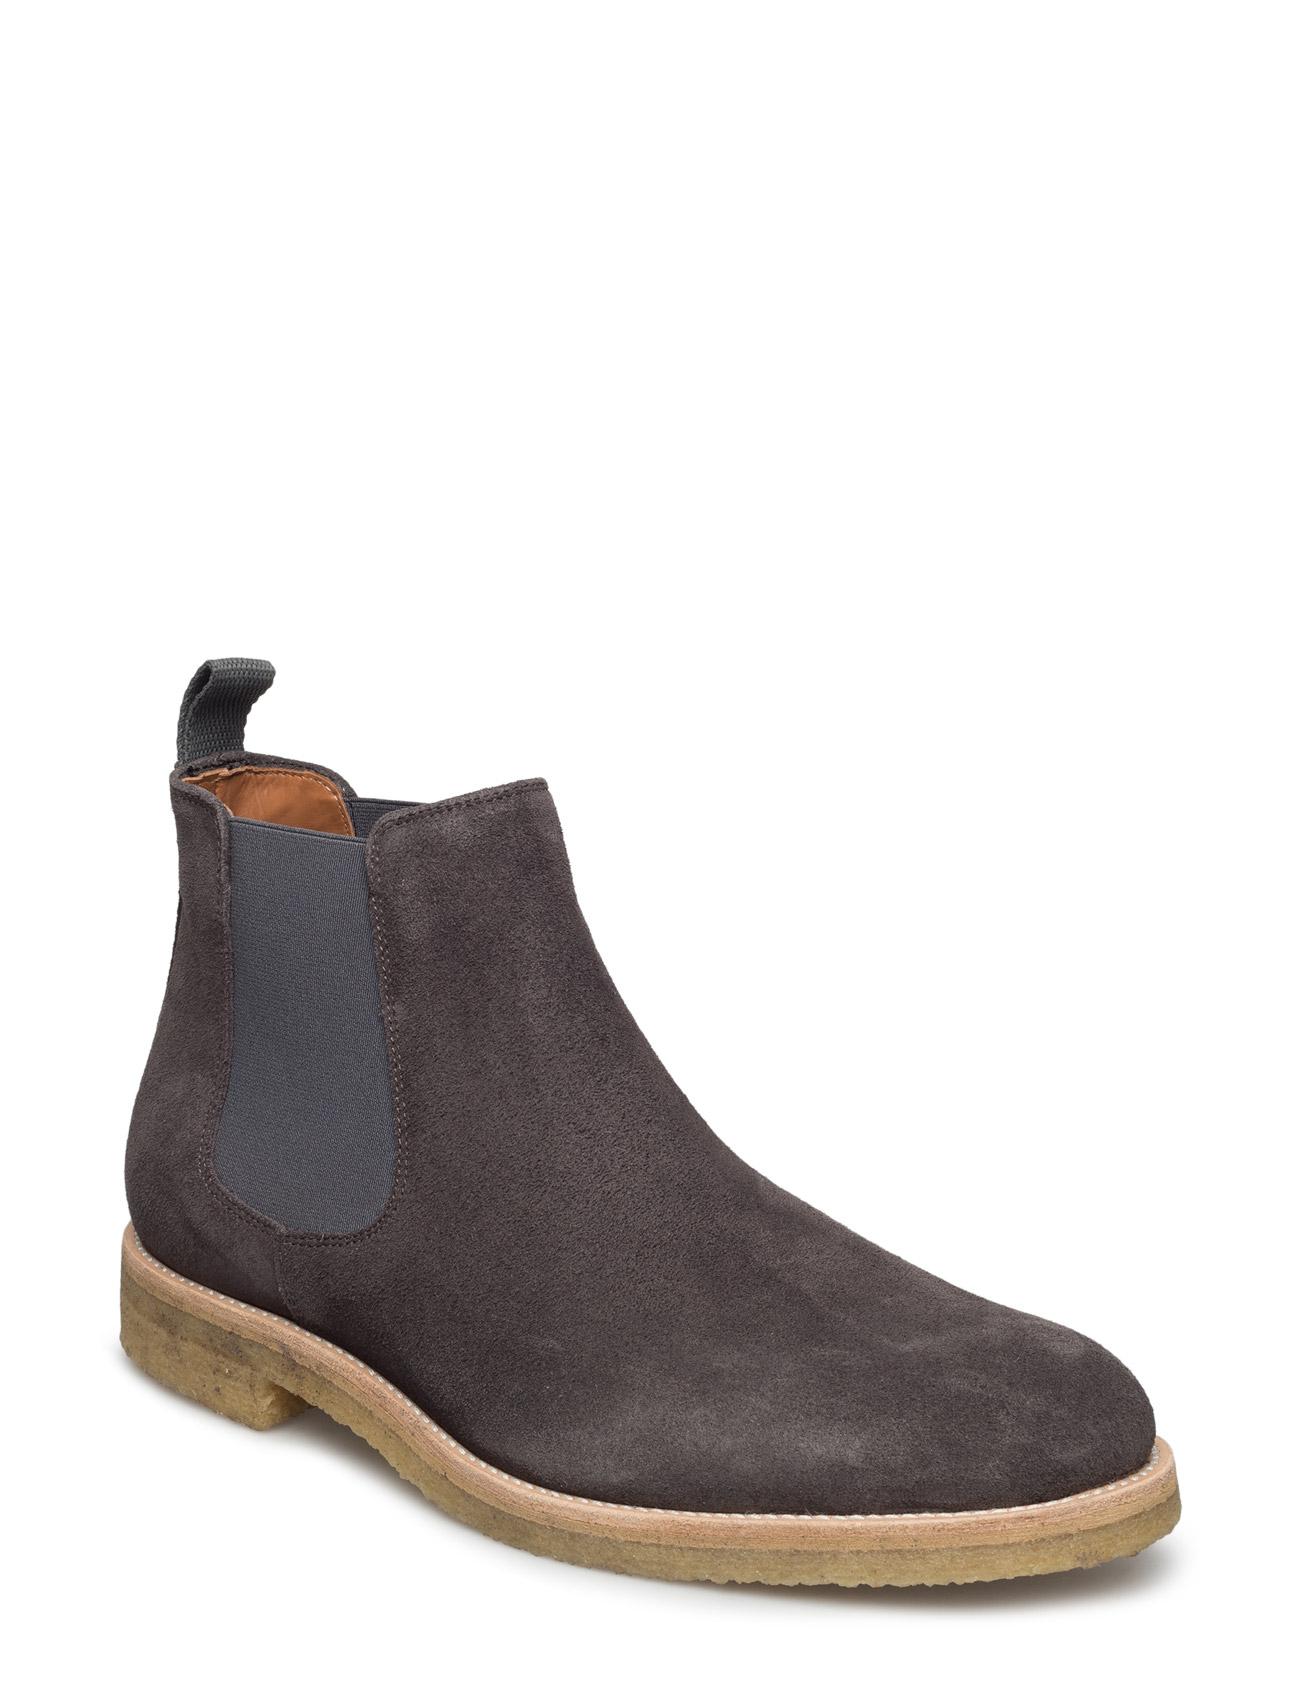 Chelsea Boot Garment Project Støvler til Herrer i